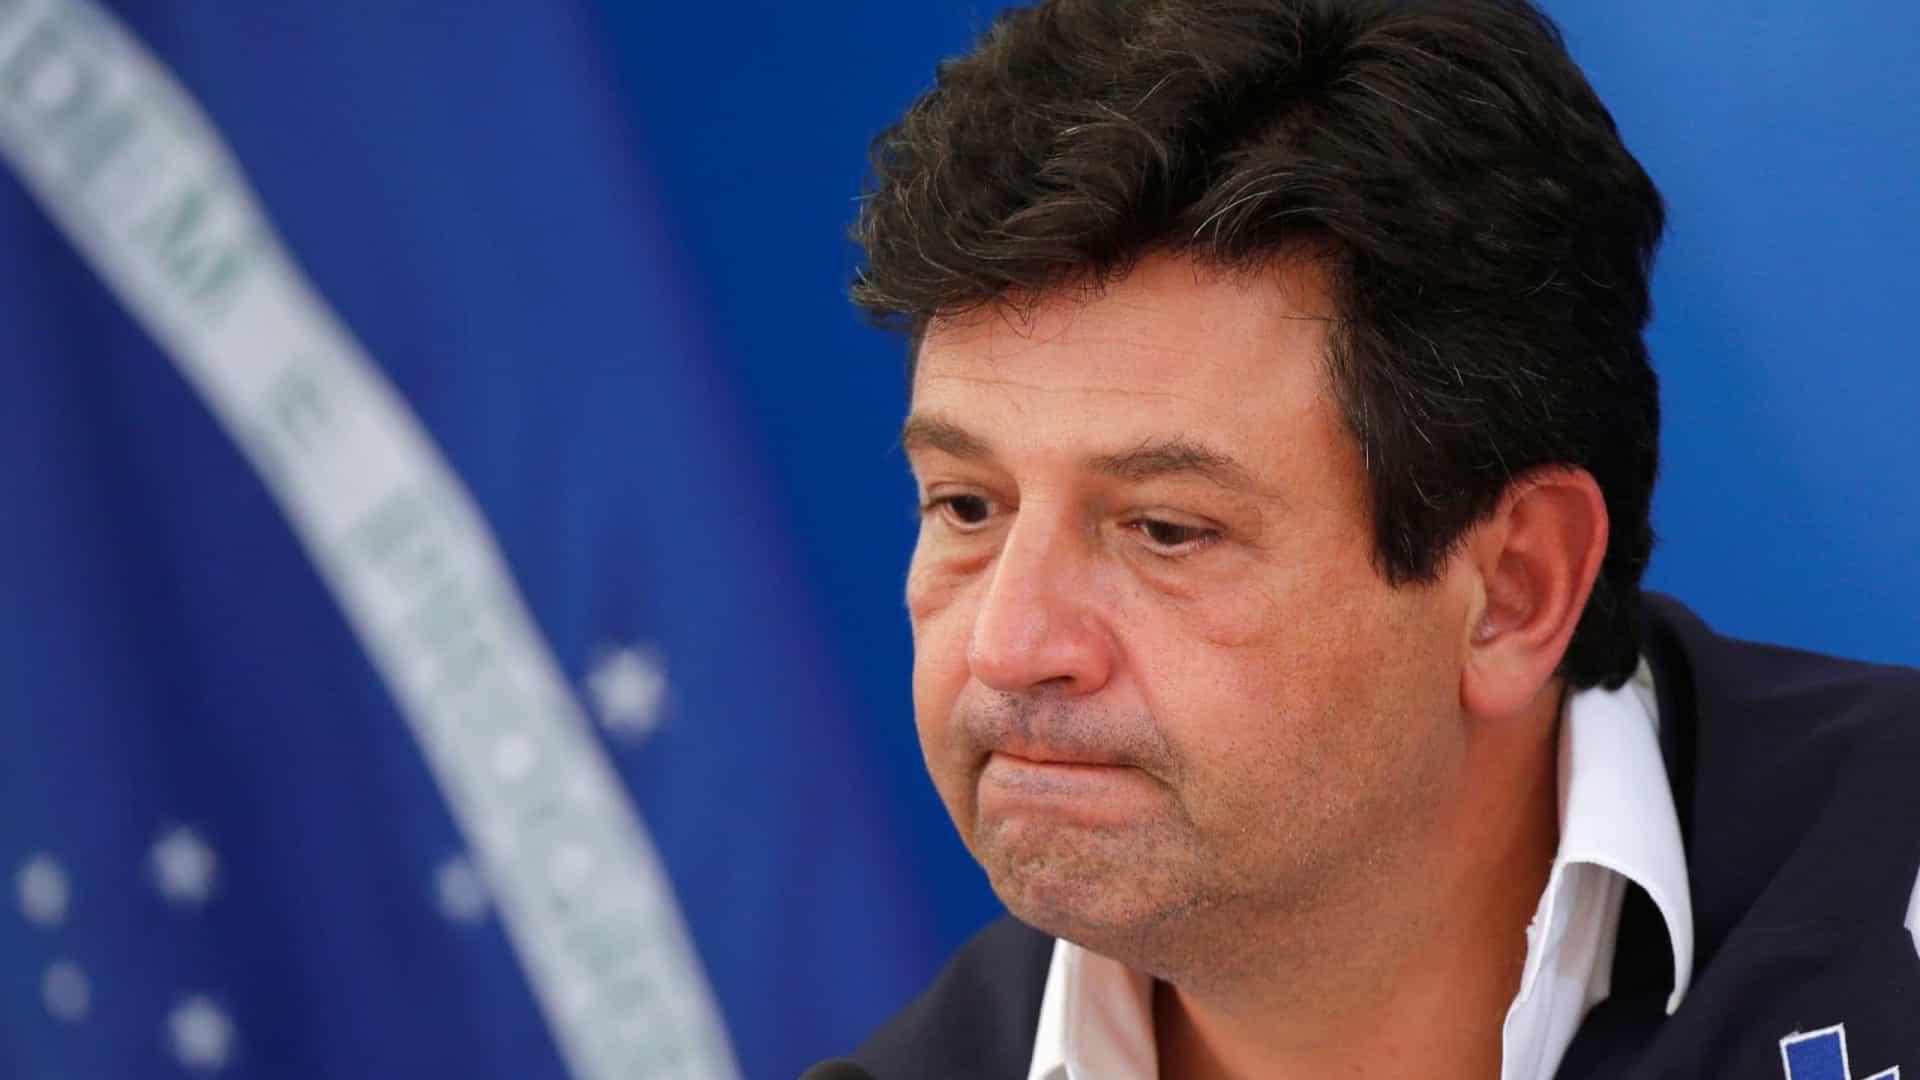 naom 5e9442759b609 - Mandetta: havia decreto presidencial para que se mudasse a bula da cloroquina